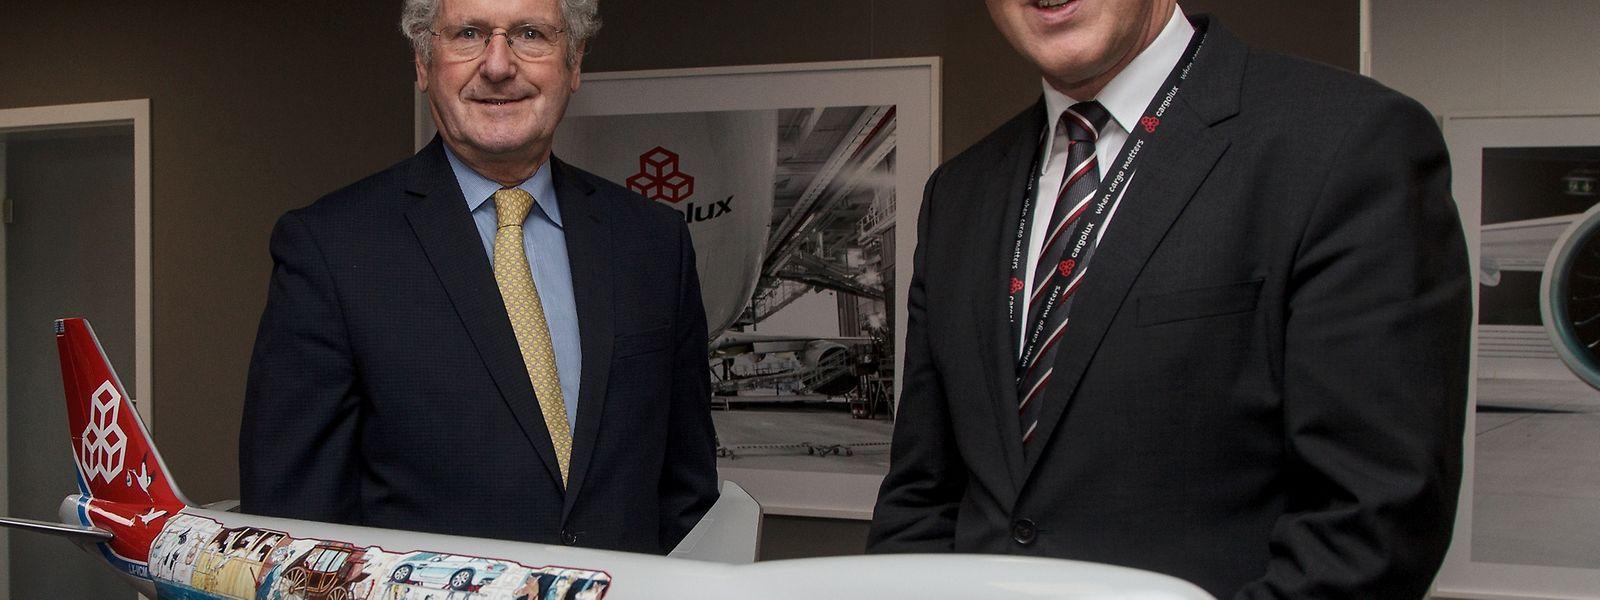 Verwaltungsratspräsident Paul Helminger und CEO Dirk Reich zeigten sich am Mittwoch sehr zufrieden mit dem vergangenen Geschäftsjahr.